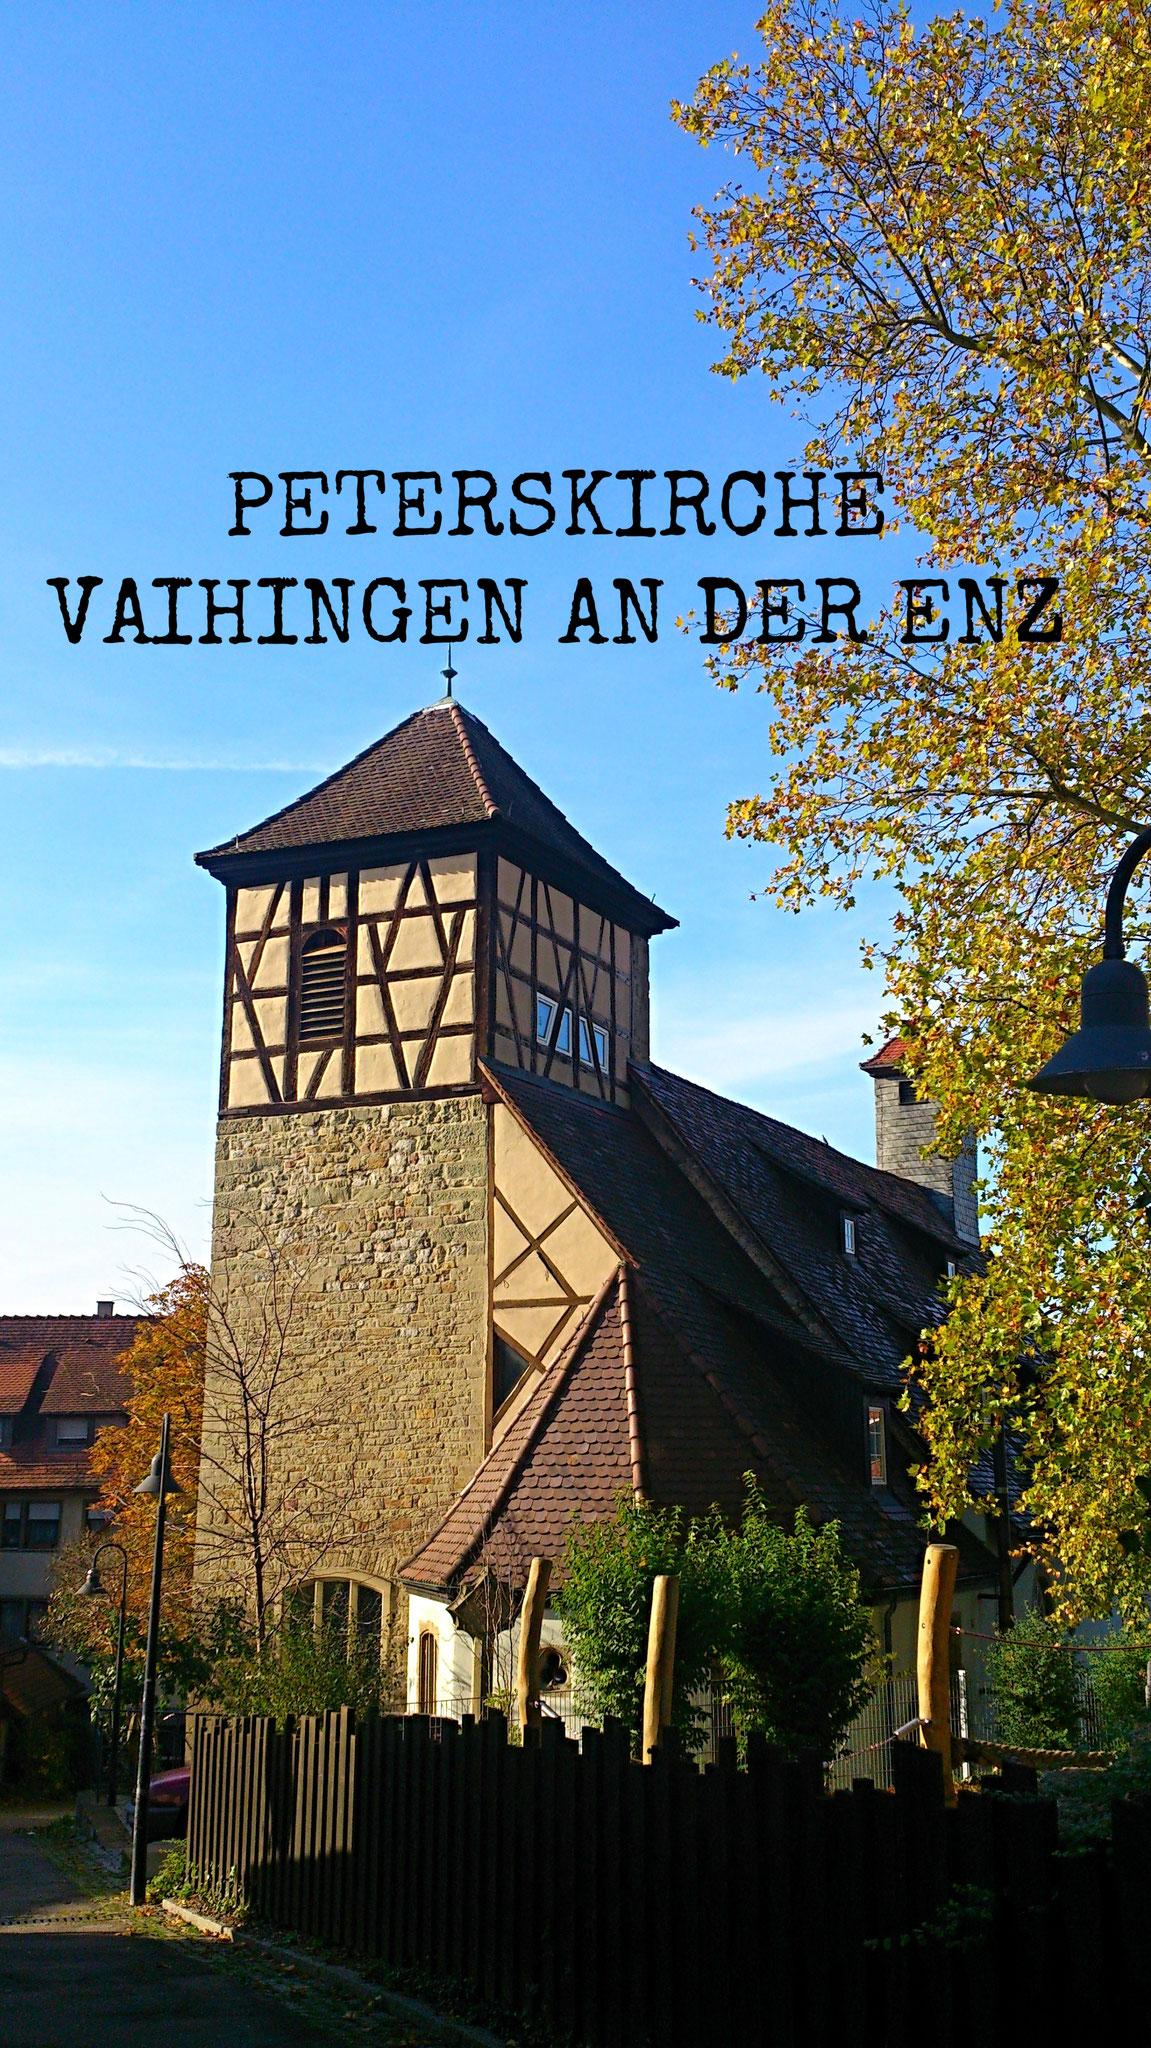 http://www.vaihingen.de/d/1663